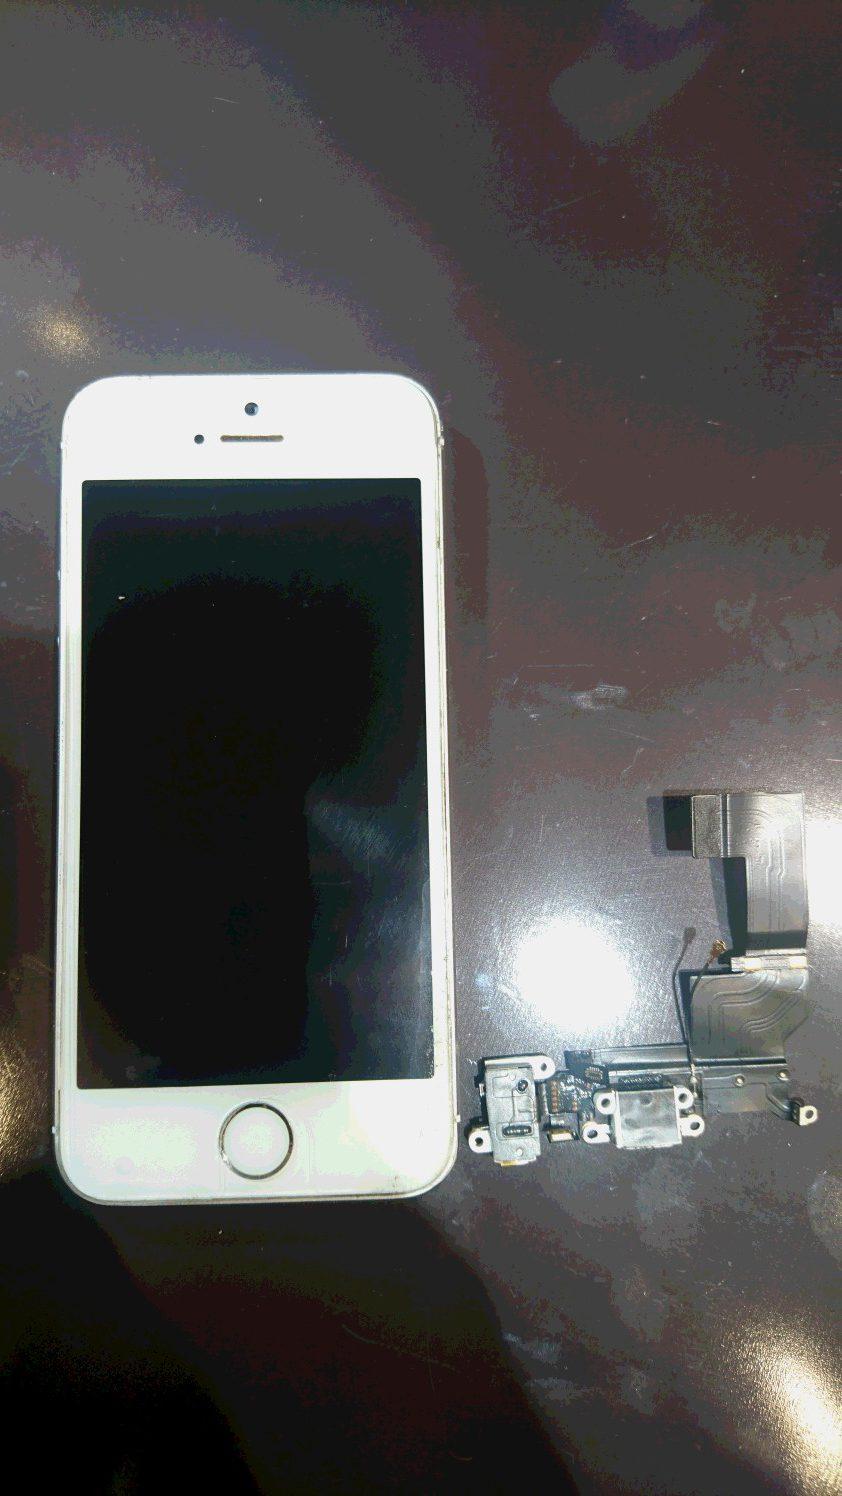 iPhone5sコネクター交換◆尼崎よりお越しのお客様◆充電ができなくなった、充電したりしなかったり、、、そういった症状があればコネクターに不具合ありかも(;'∀')即日修理しかもデータそのまま!つかしんにお買い物ついでにiPhone修理しよっ